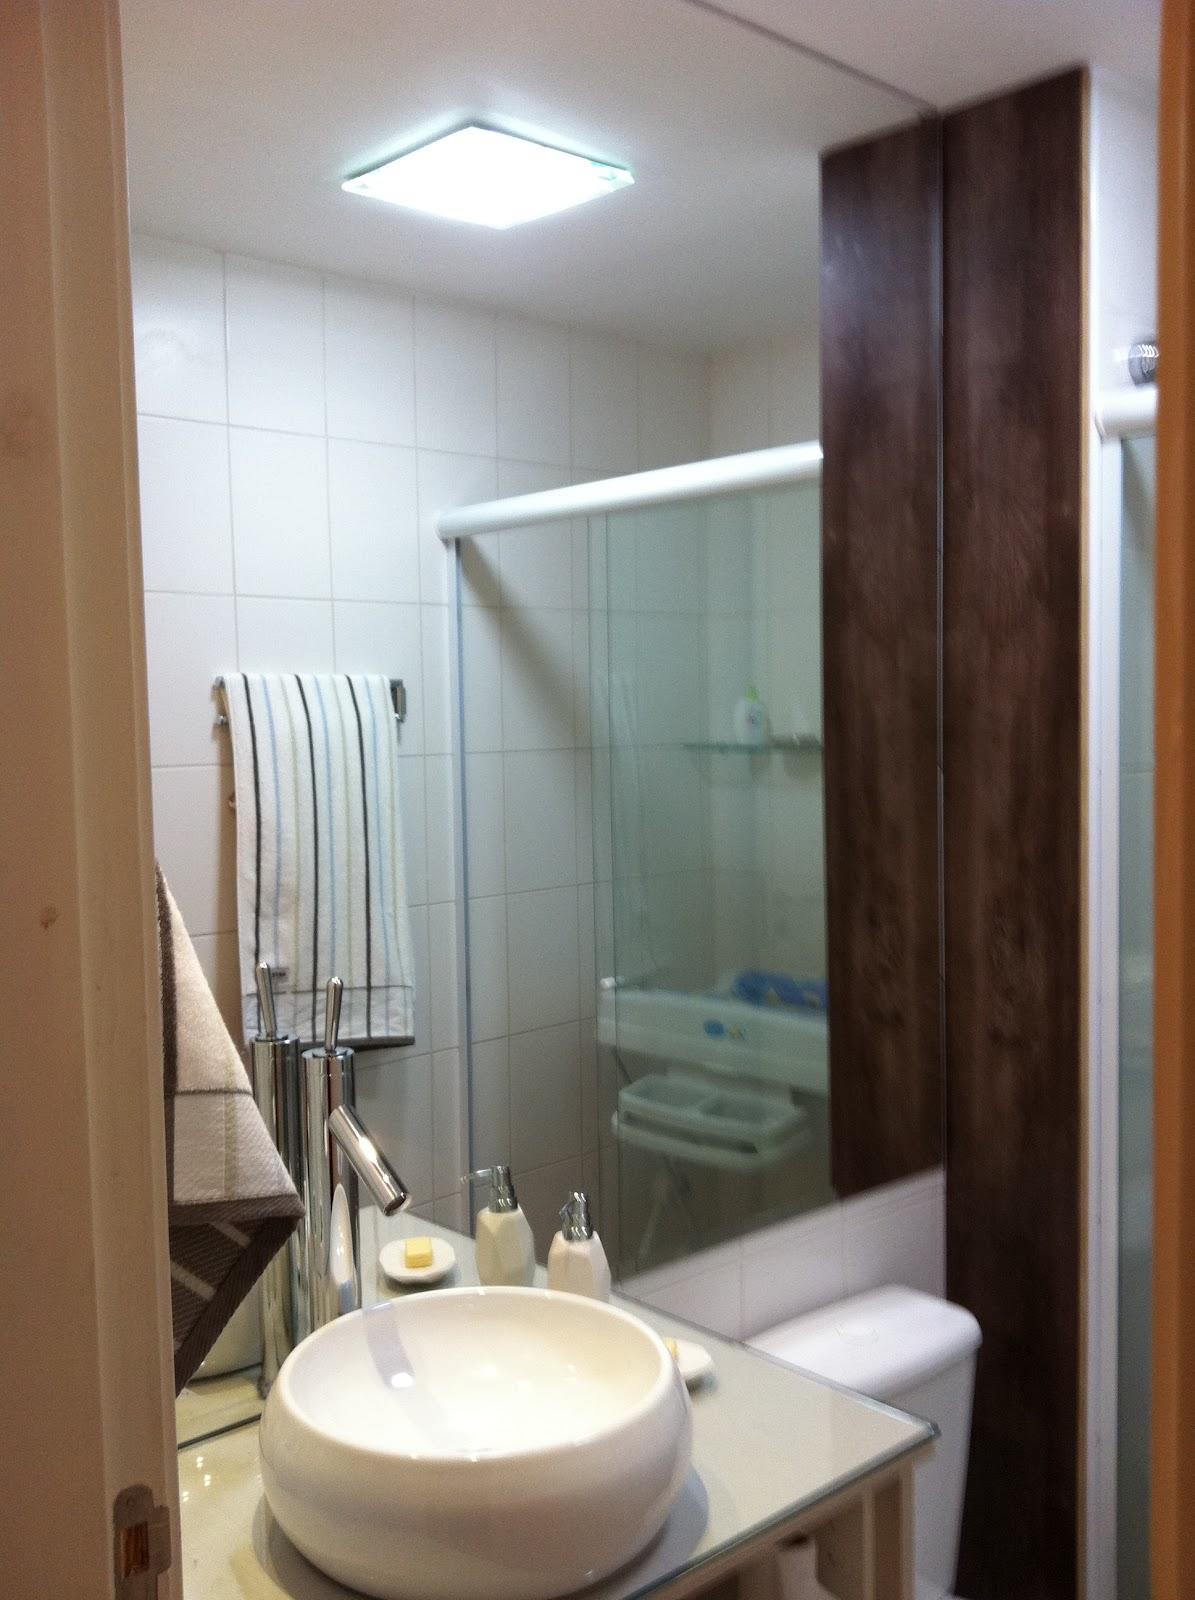 Imagens de #714B30 De tudo um pouco em família !: Espelhos espelho meu  1195x1600 px 2840 Box Banheiro Lar Center